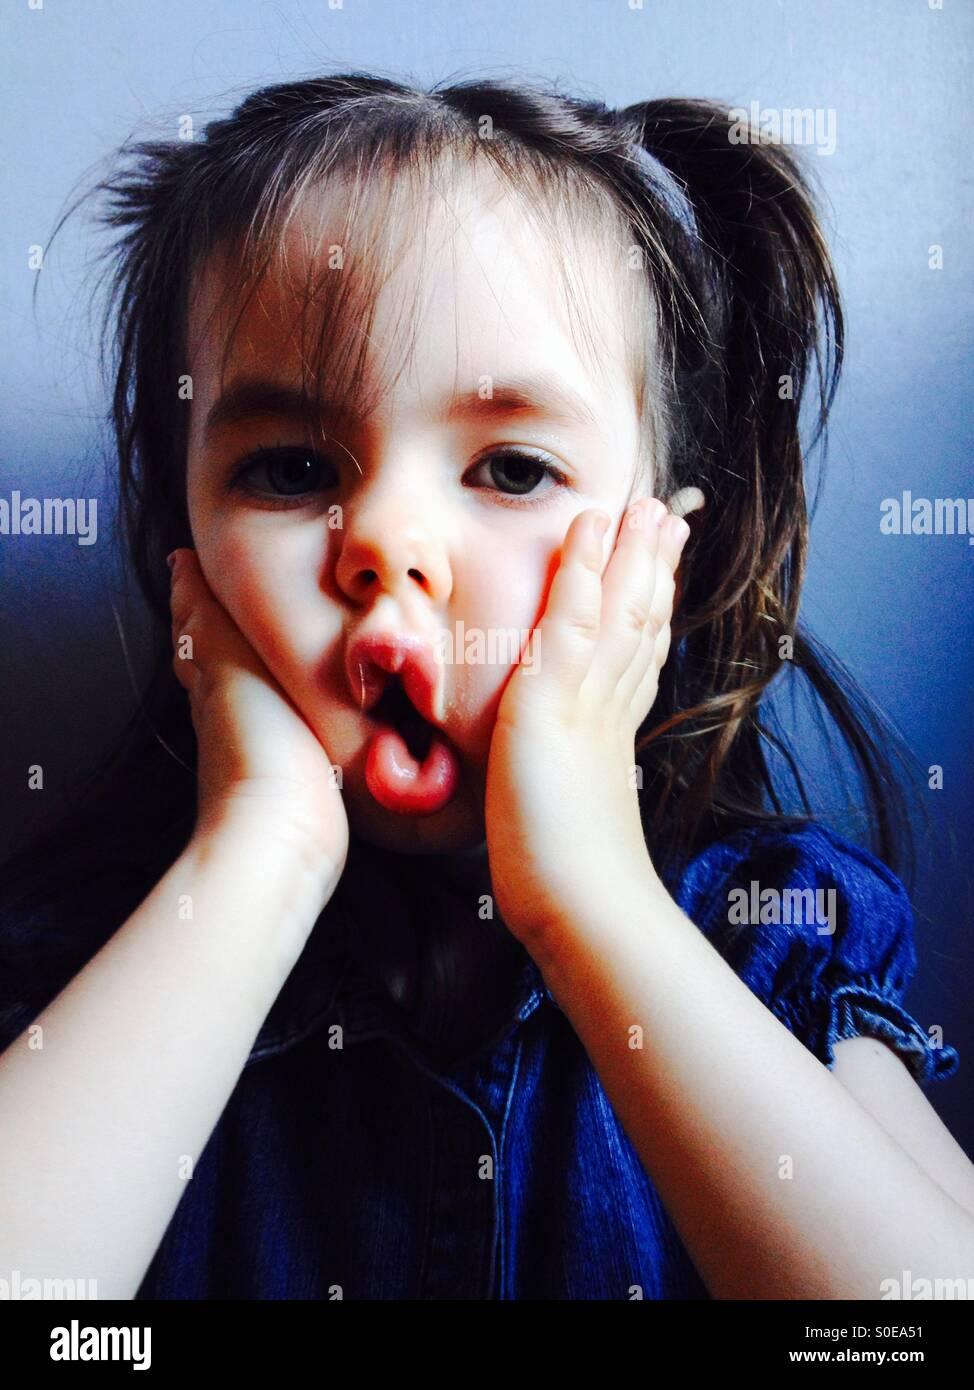 3 anno vecchia ragazza rendendo divertente volto Immagini Stock